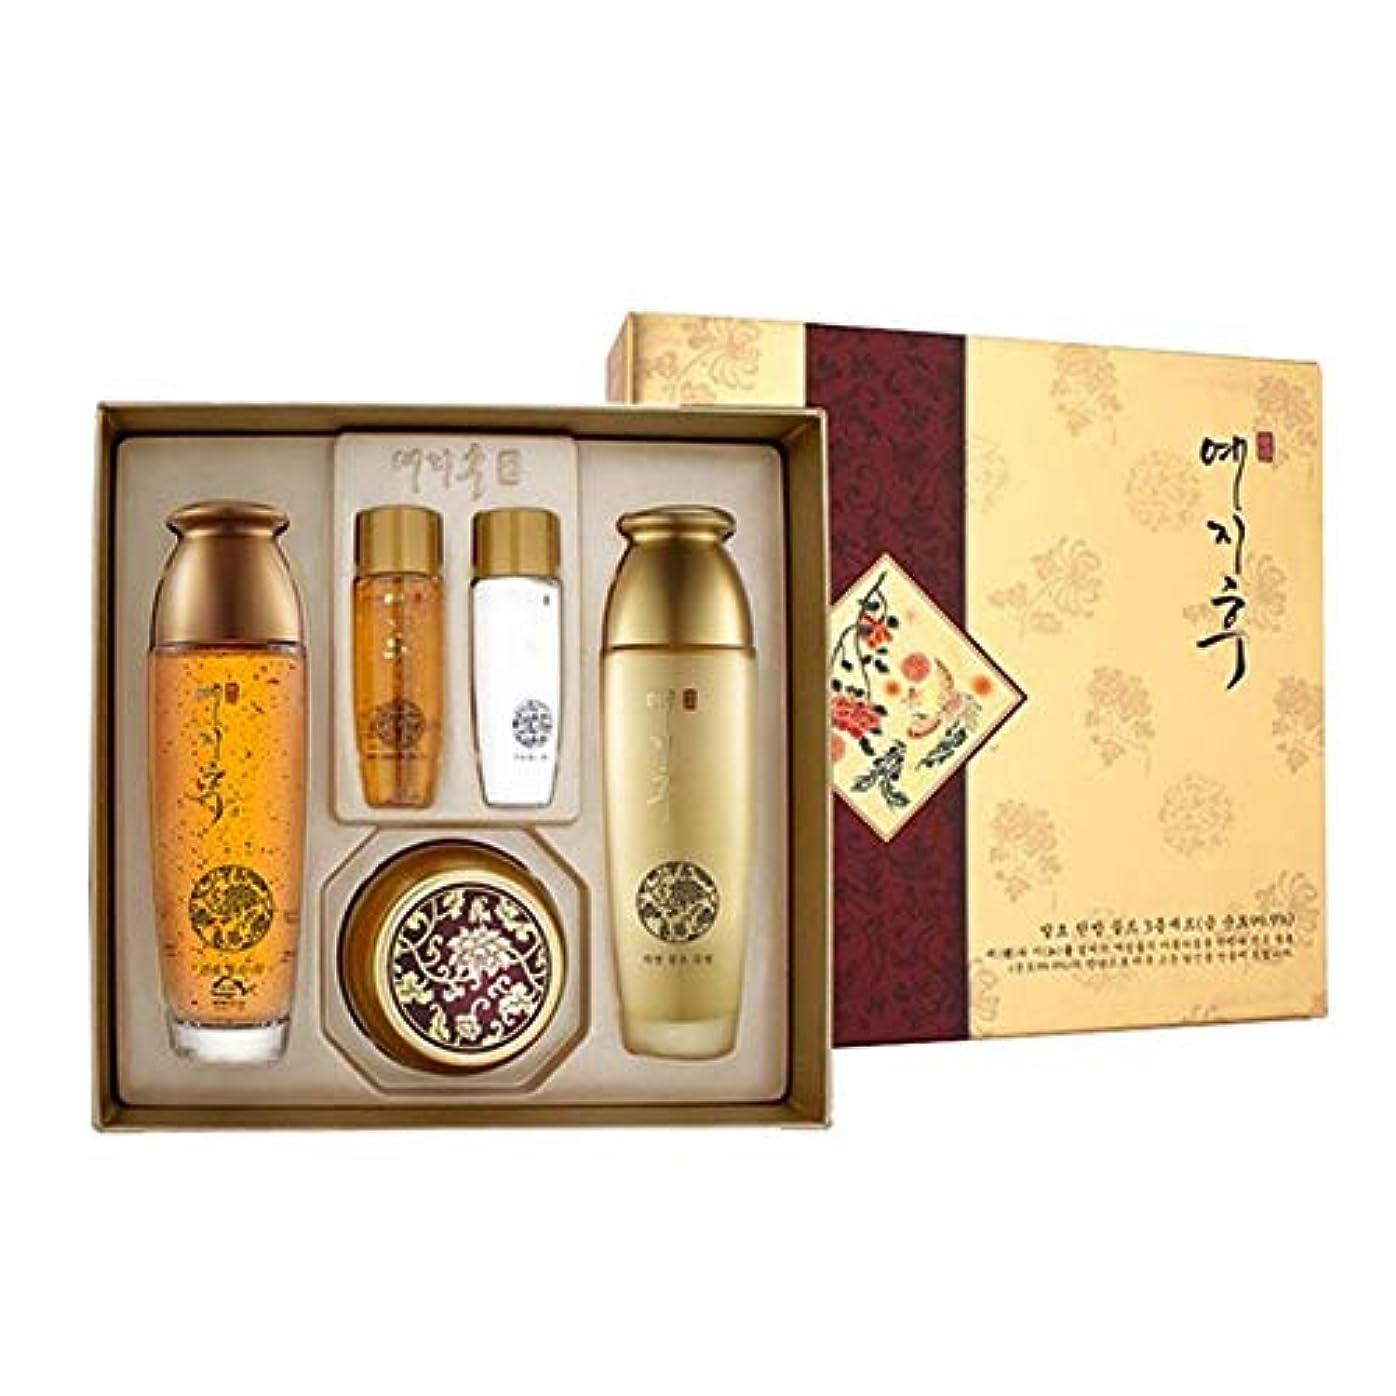 敬なフォアタイプ説得力のあるイェジフ漢方ゴールド3種セットゴールド水180ml(150+30) ゴールド乳液180ml(150+30) ゴールド栄養クリーム50ml、Yezihu 3 Sets of Herbal Gold Cosmetics [並行輸入品]